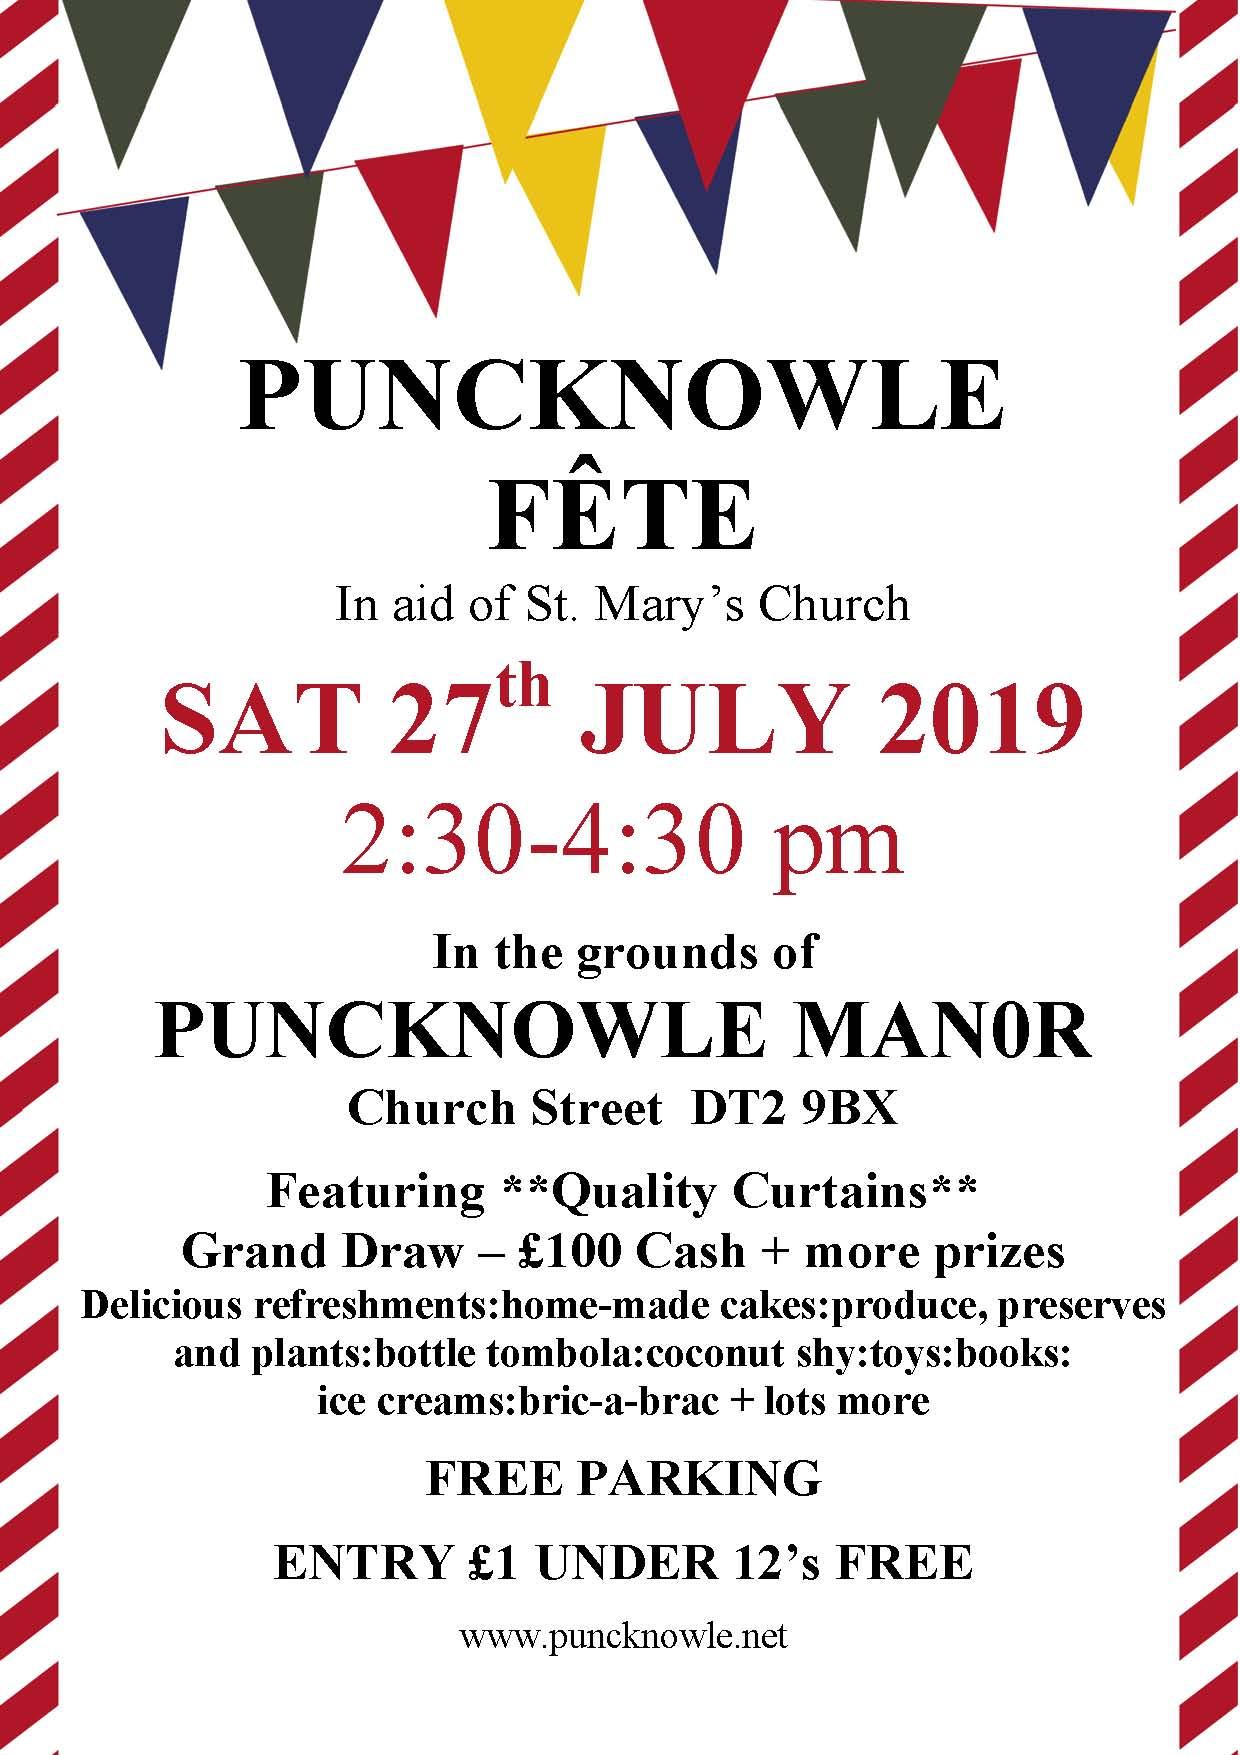 Puncknowle Fete 27 July 2.30pm @ Puncknowle Manor Estate